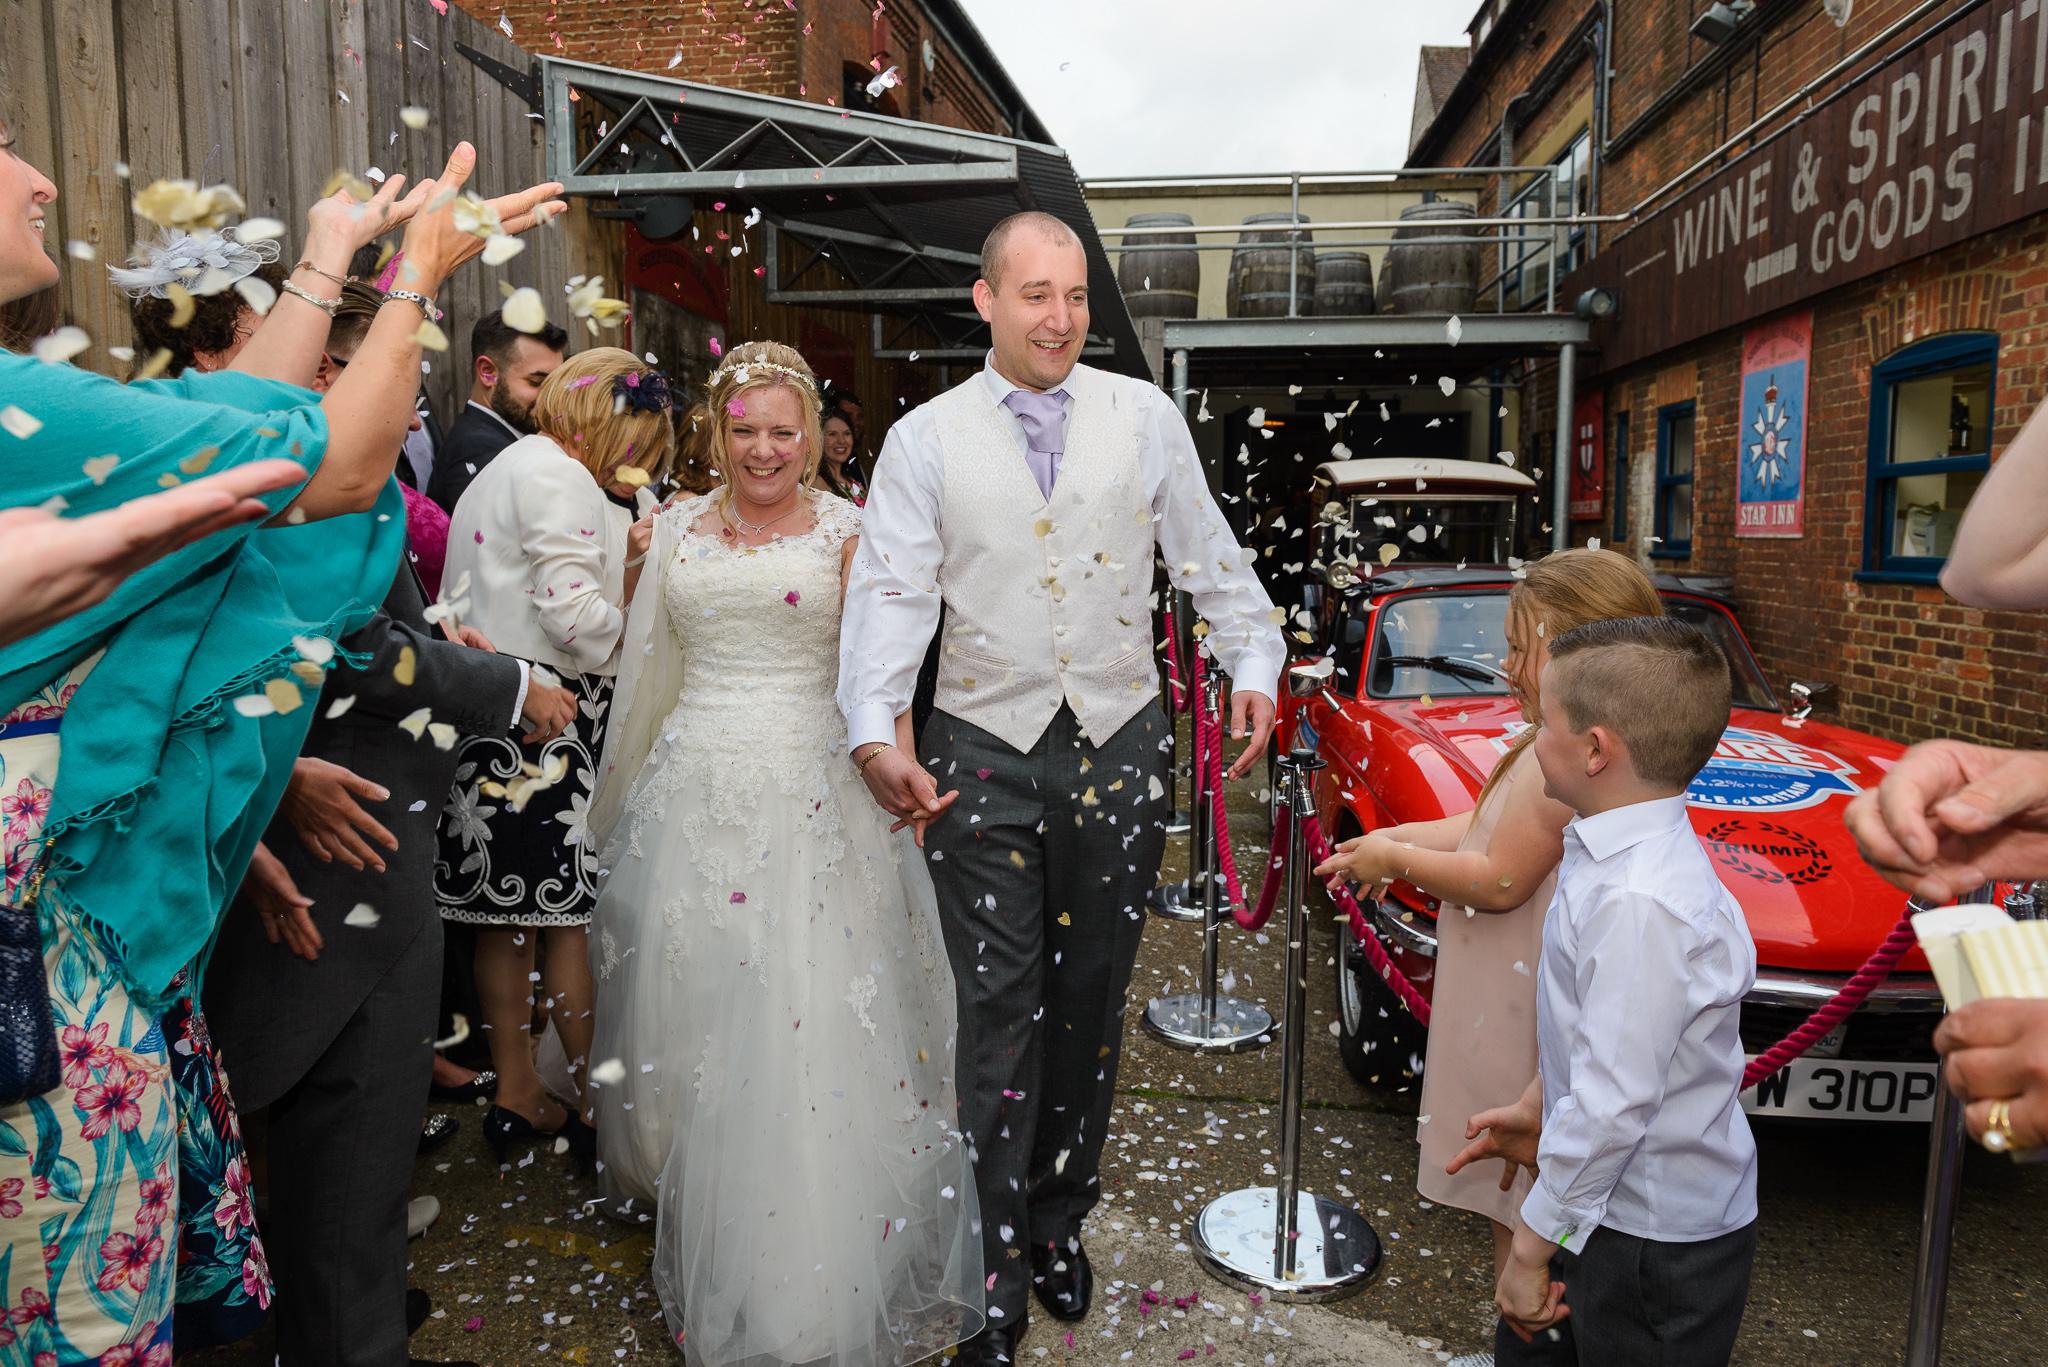 Wedding Photographer Faversham | Oakhouse Photography